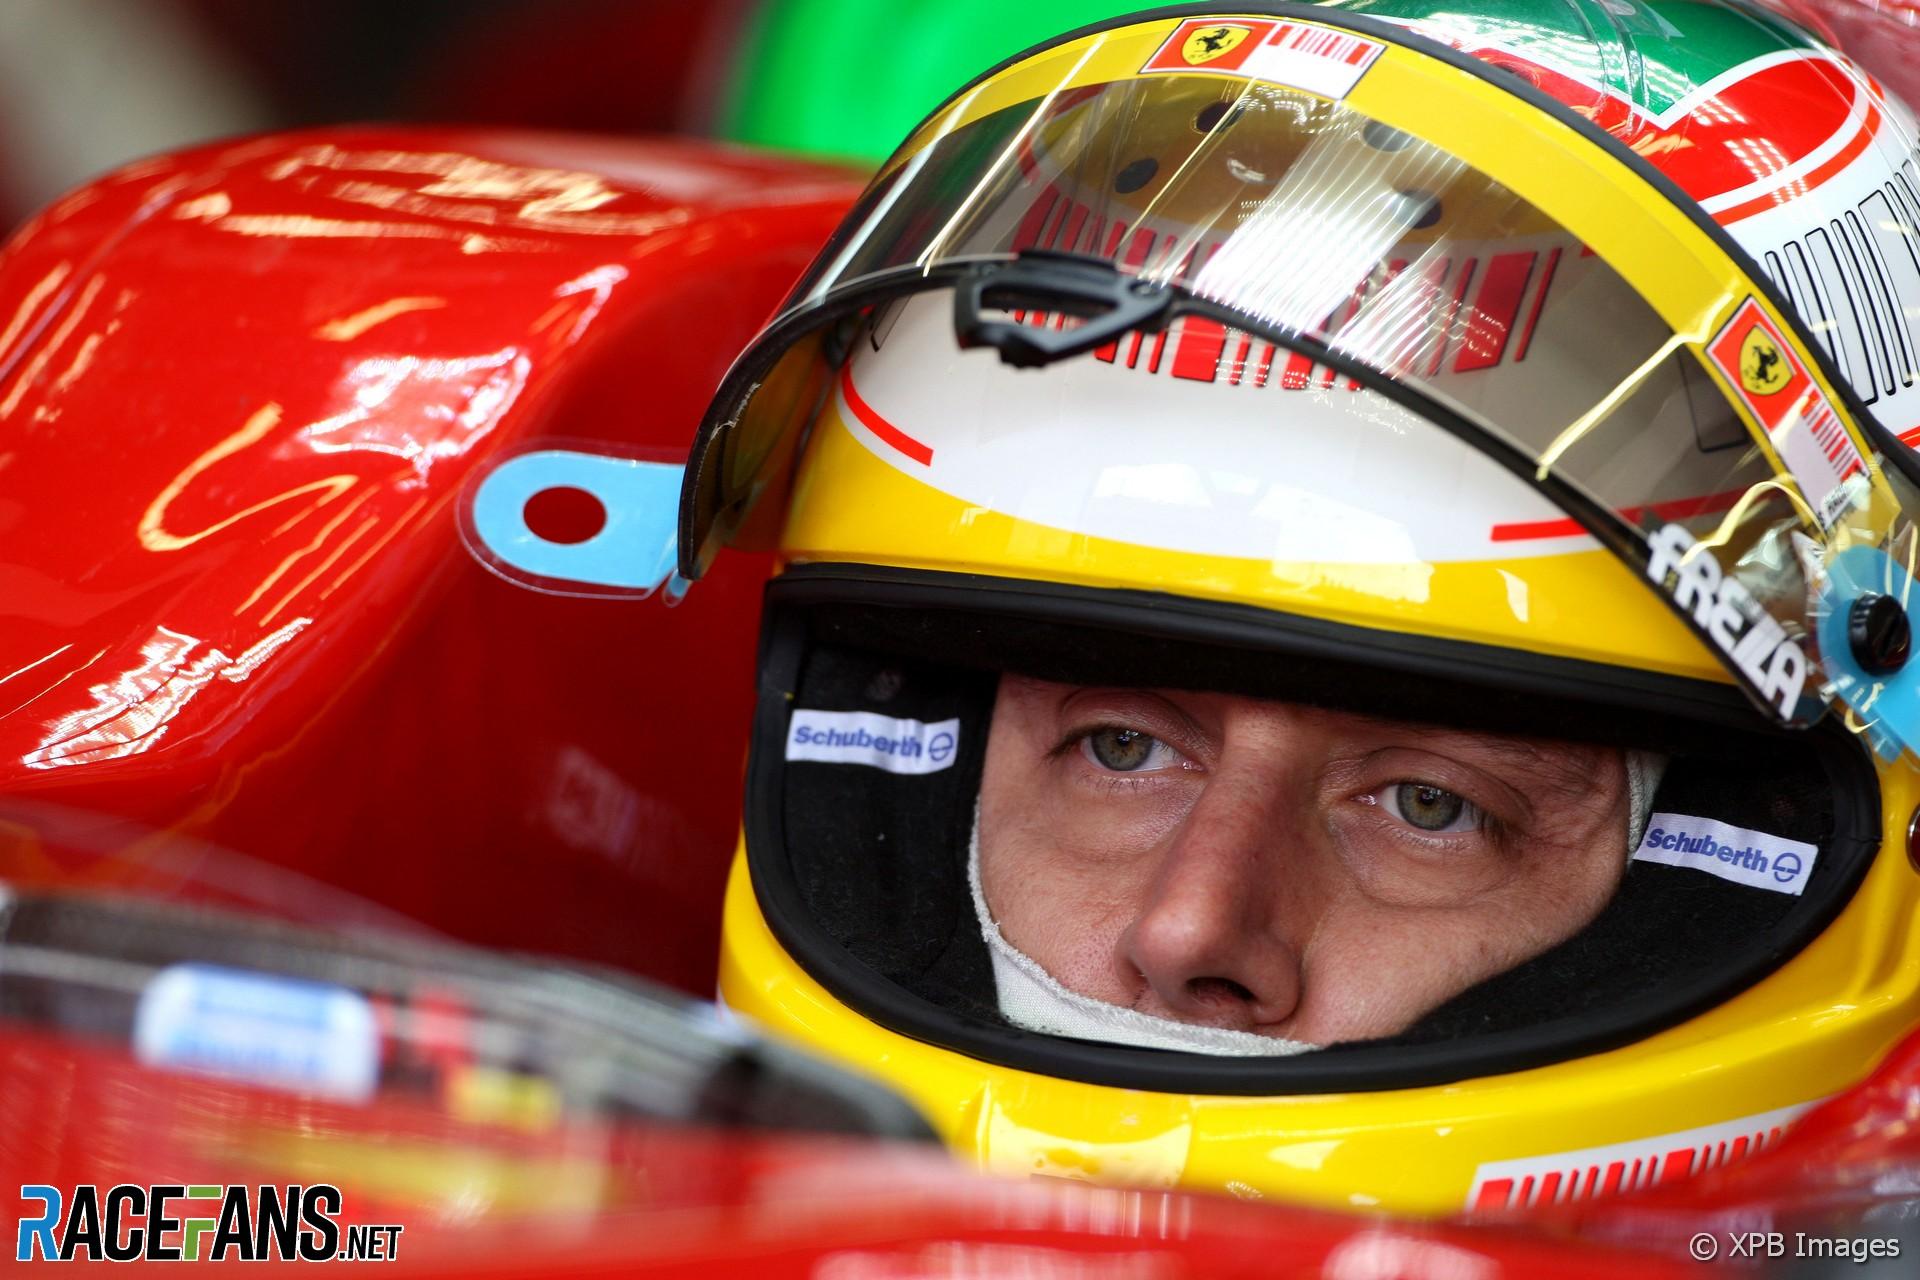 Luca Badoer, Ferrari, Spa, 2009